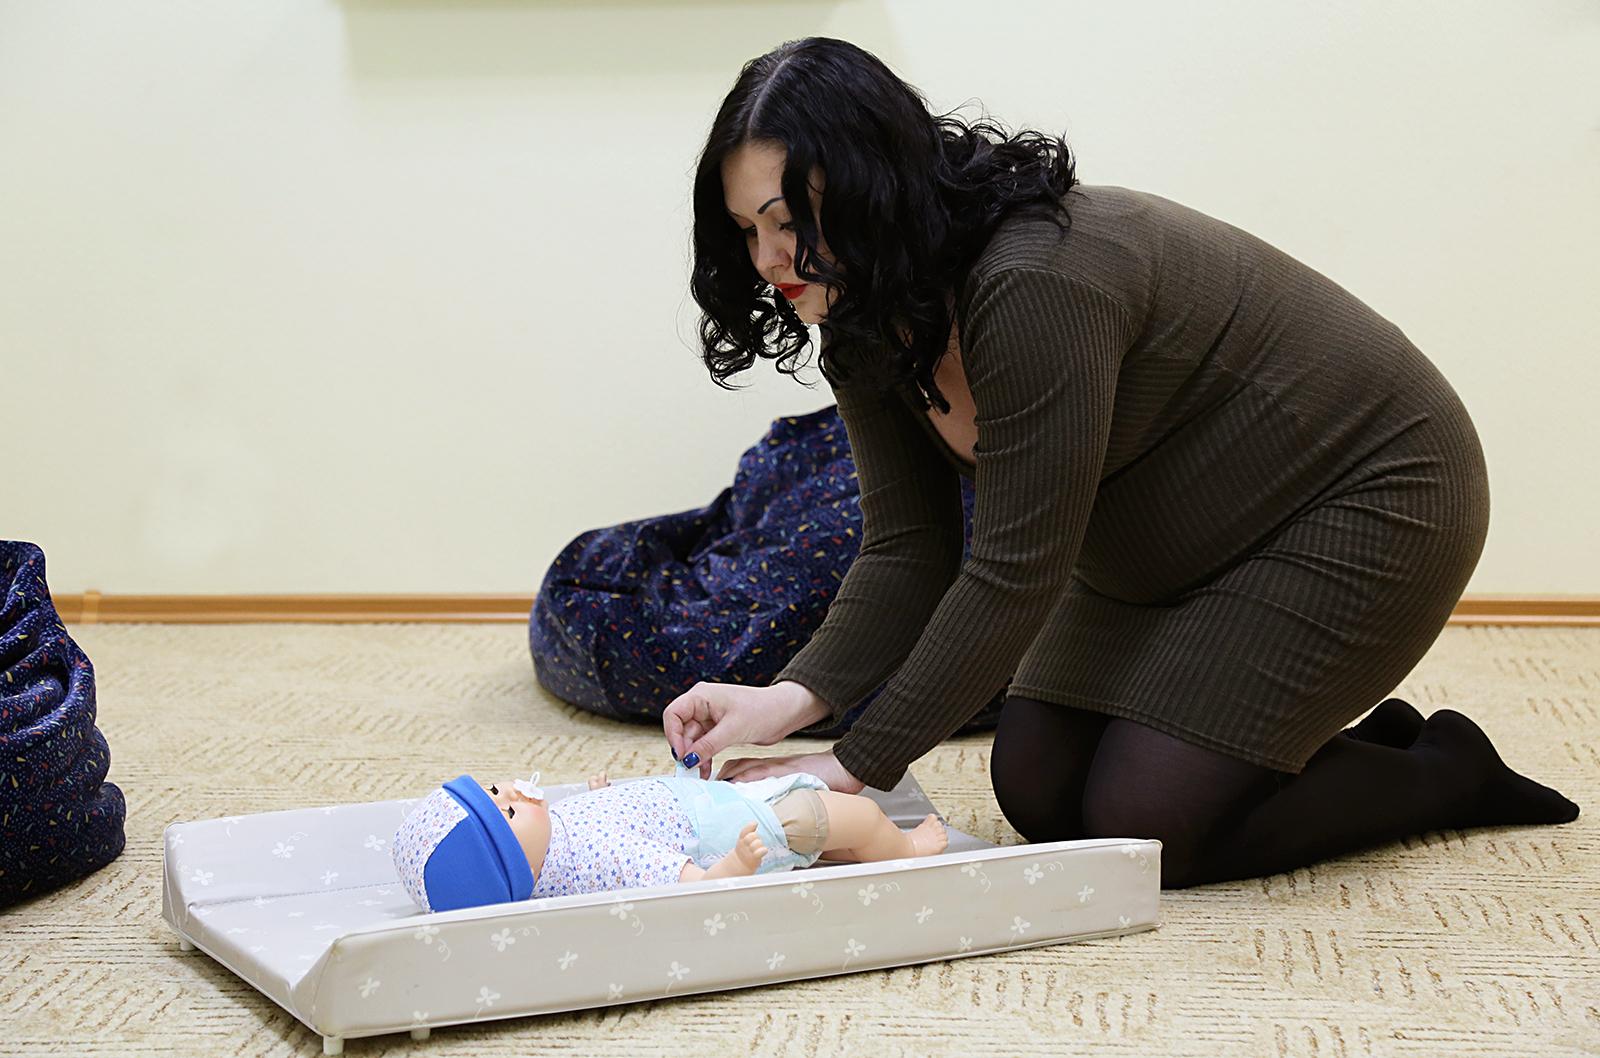 13 ноября. Экспресс-курс подготовки к родам на Пулковской.